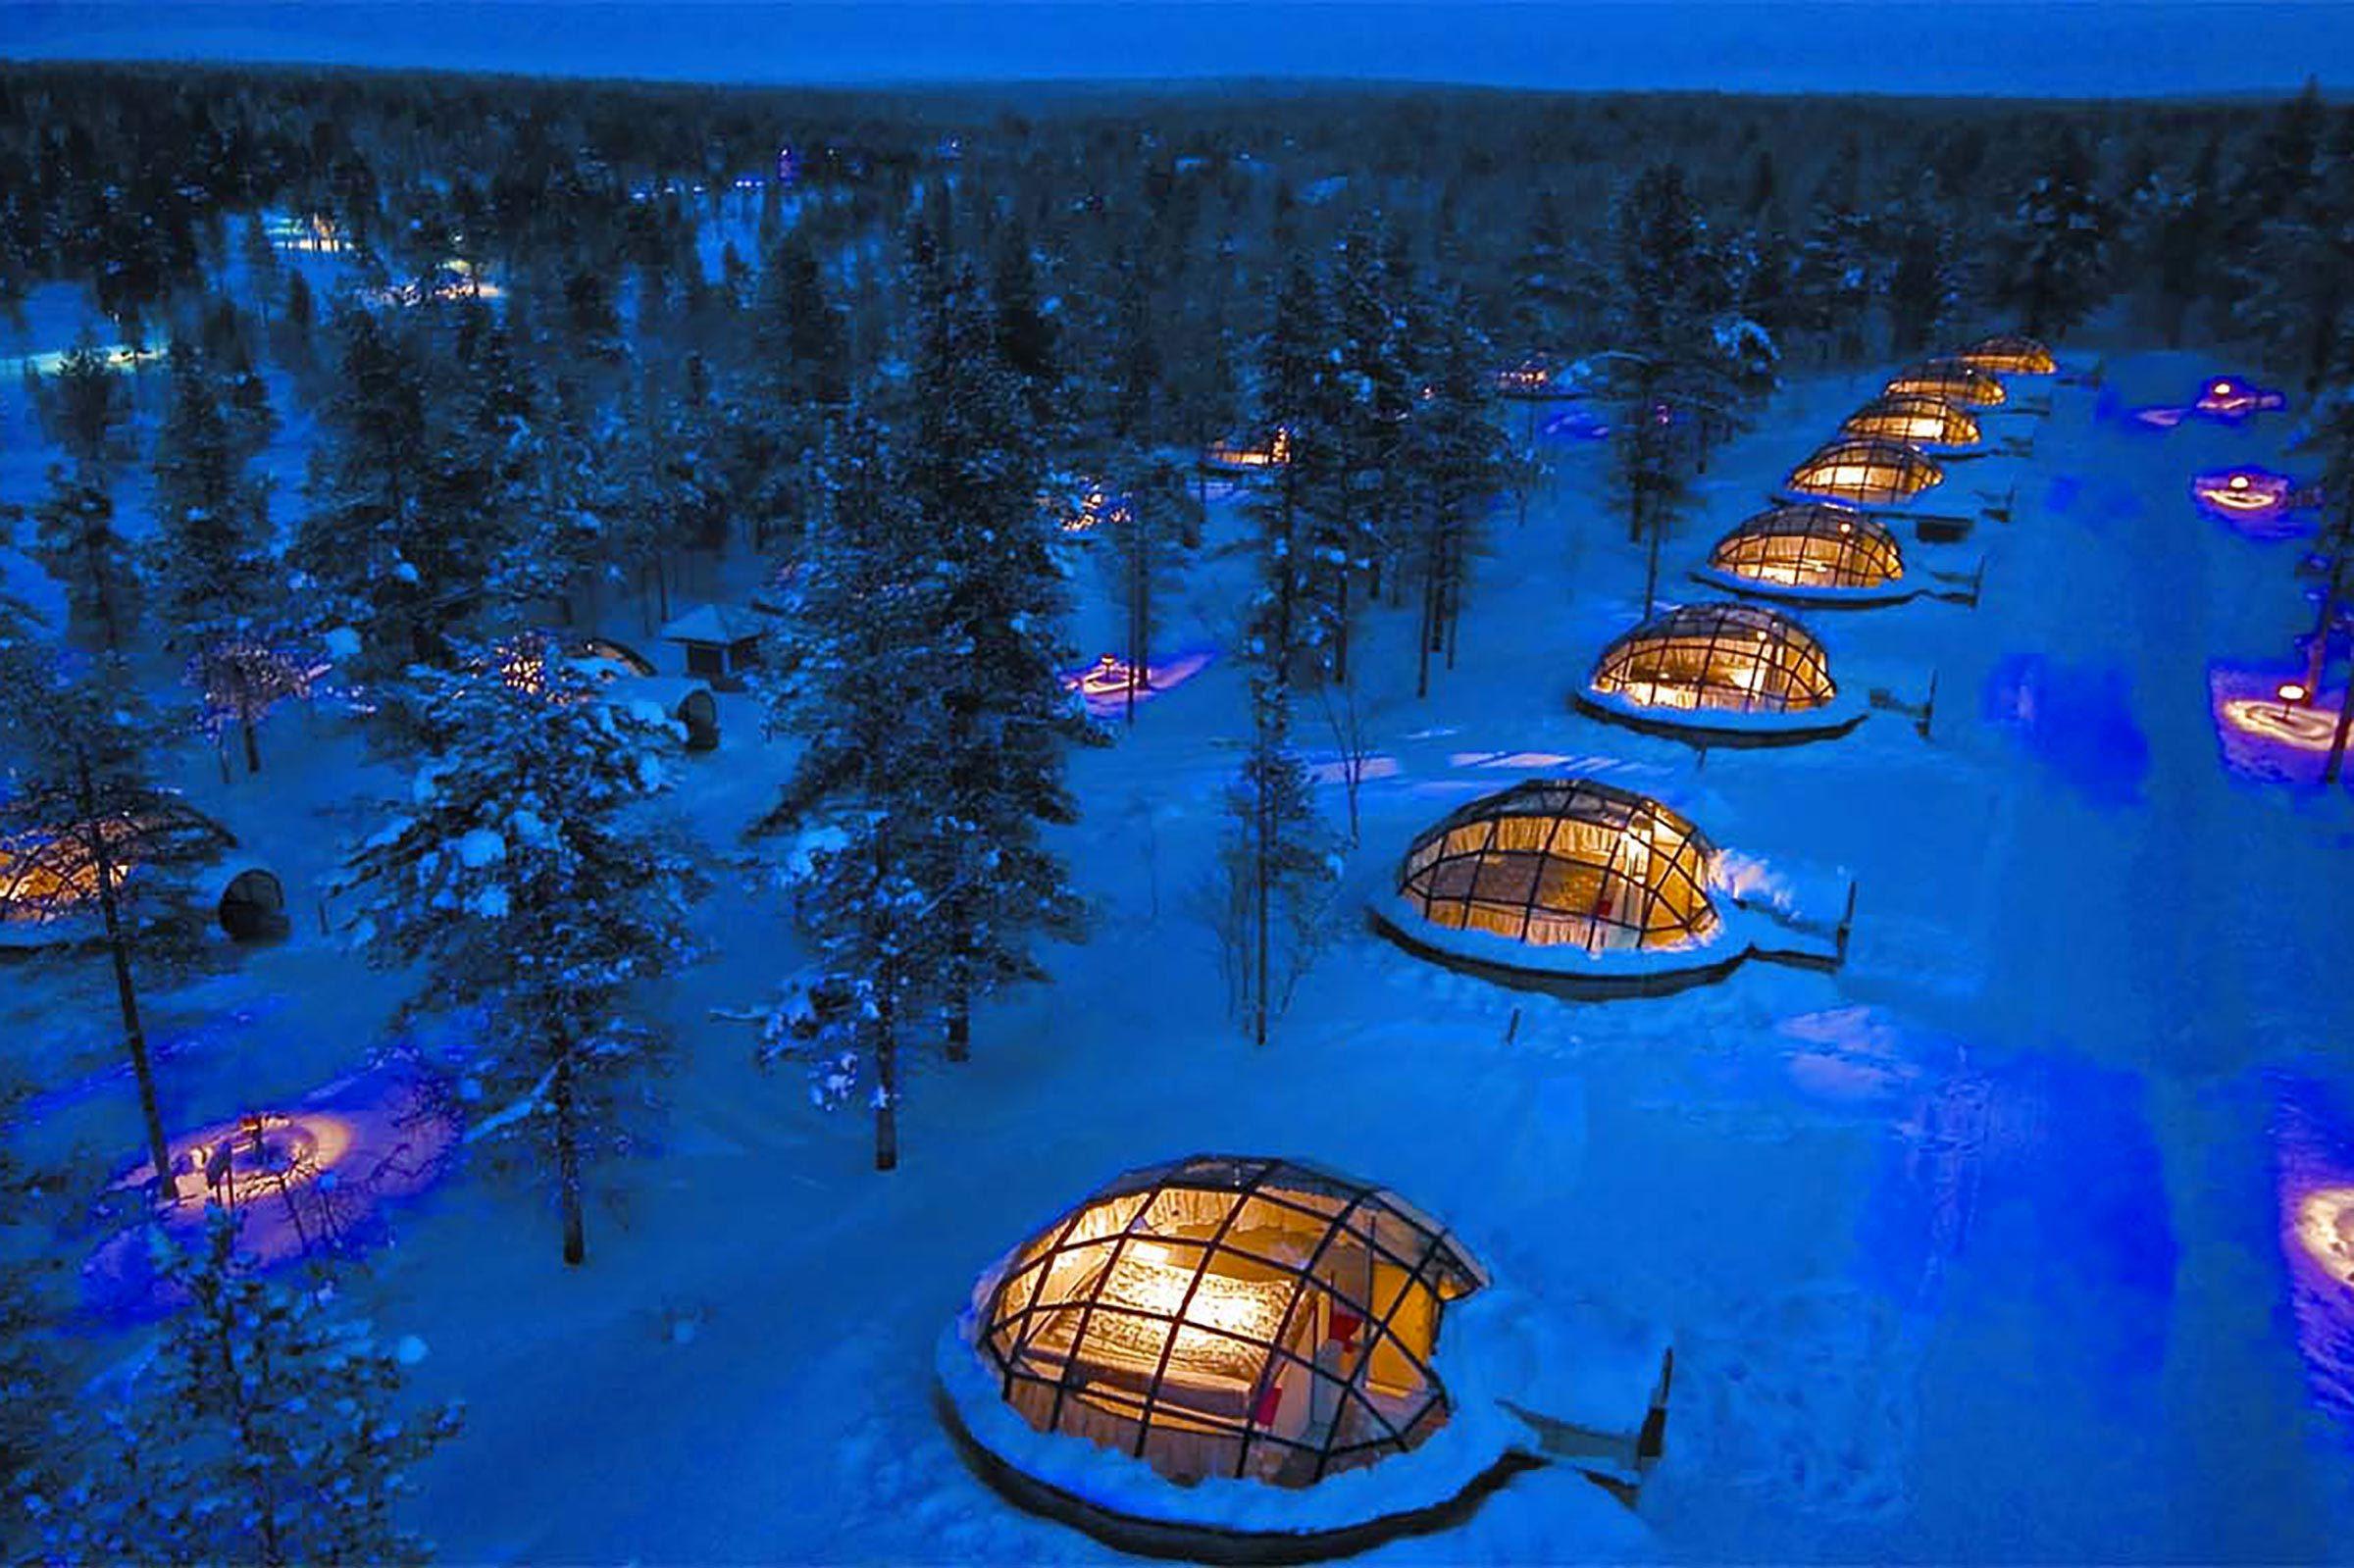 Séjour insolite à l'hôtel Kakslauttanen en Finlande.